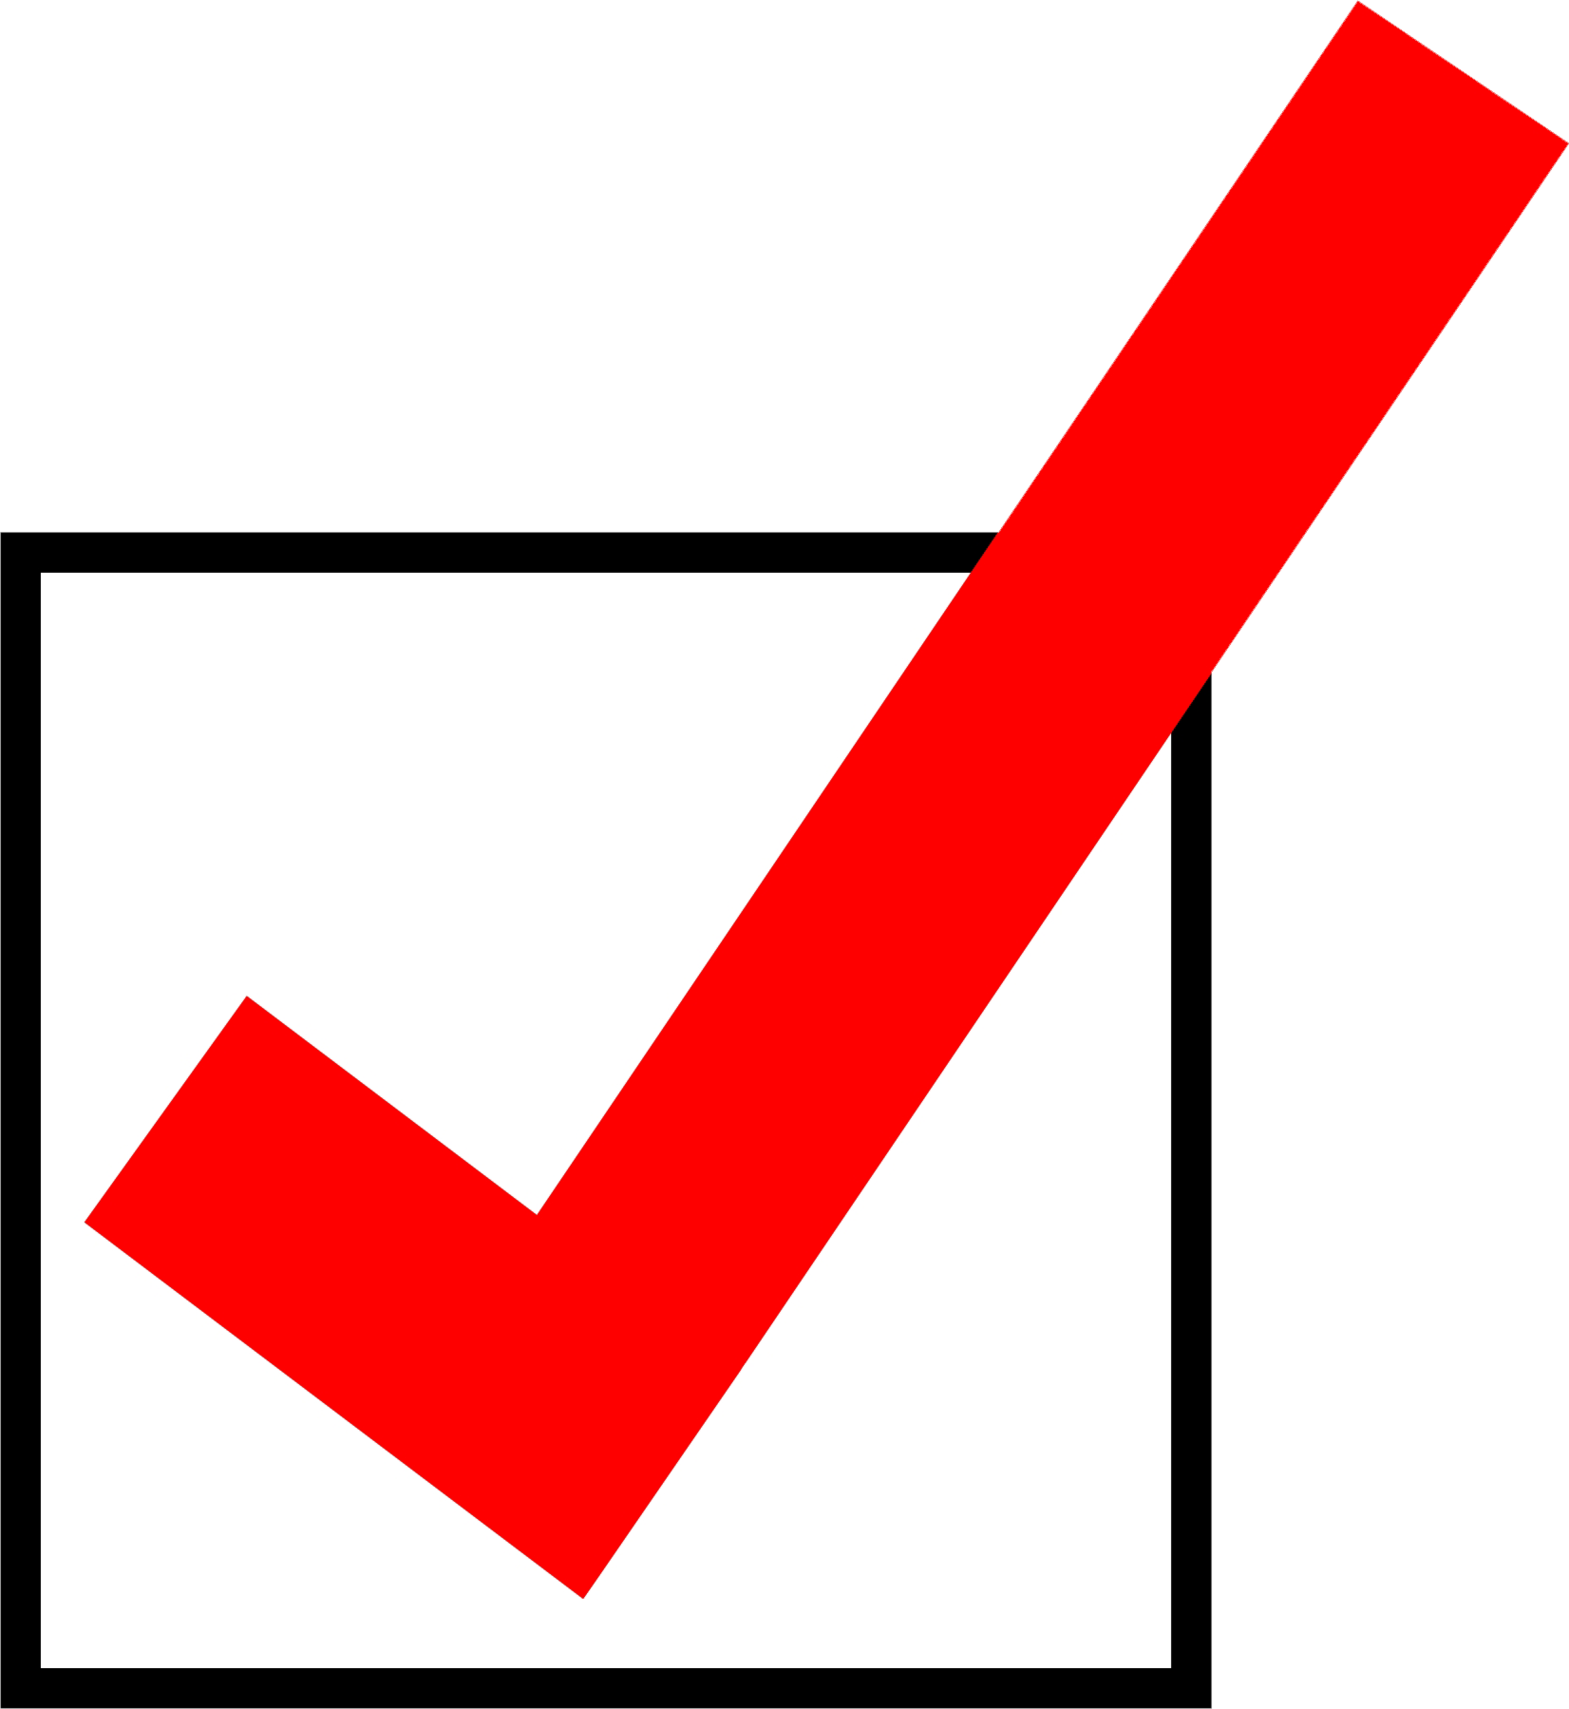 1569x1709 Check Clipart Check Mark